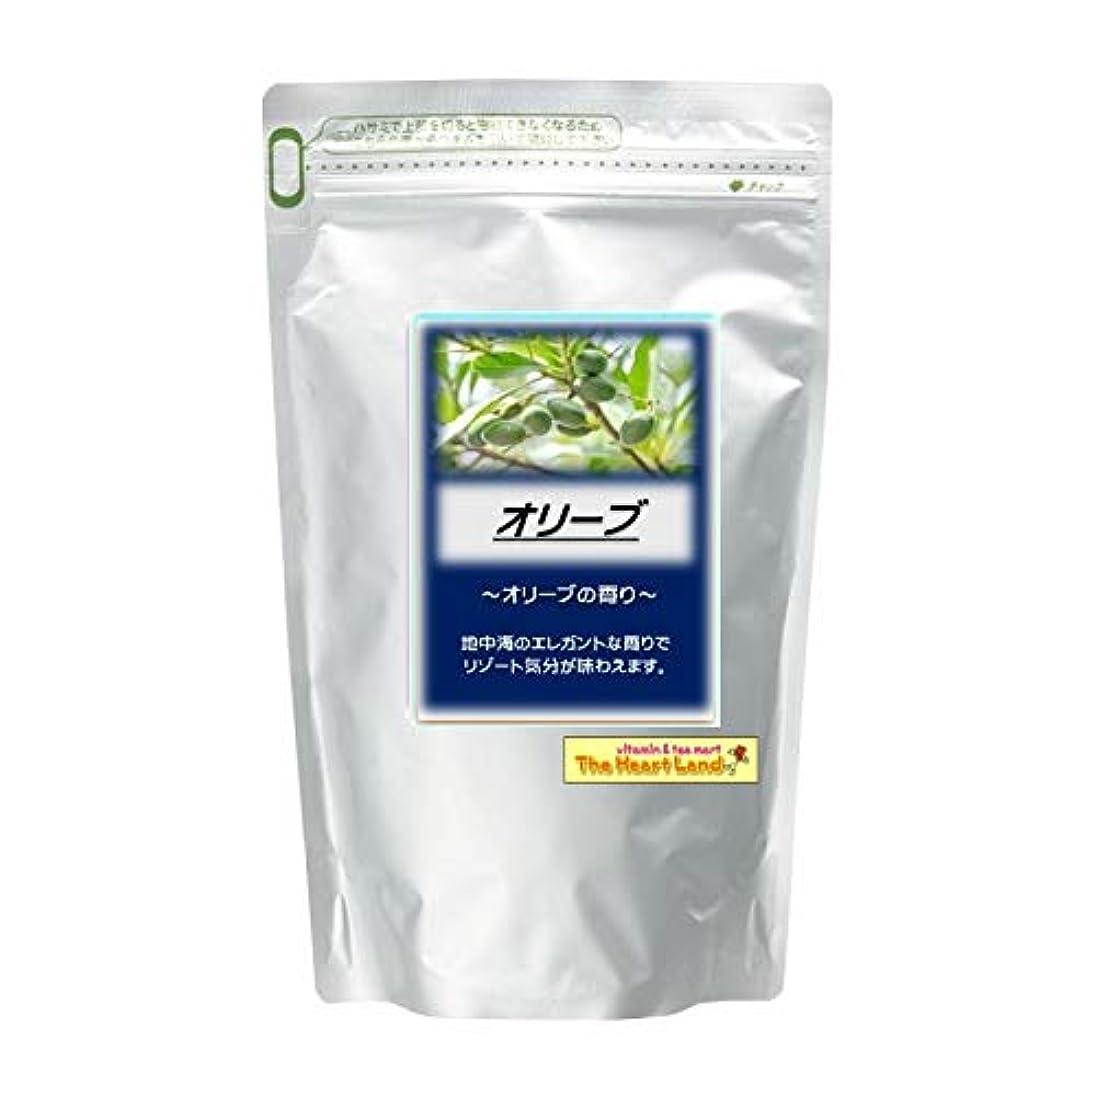 アラスカパース与えるアサヒ入浴剤 浴用入浴化粧品 オリーブ 300g